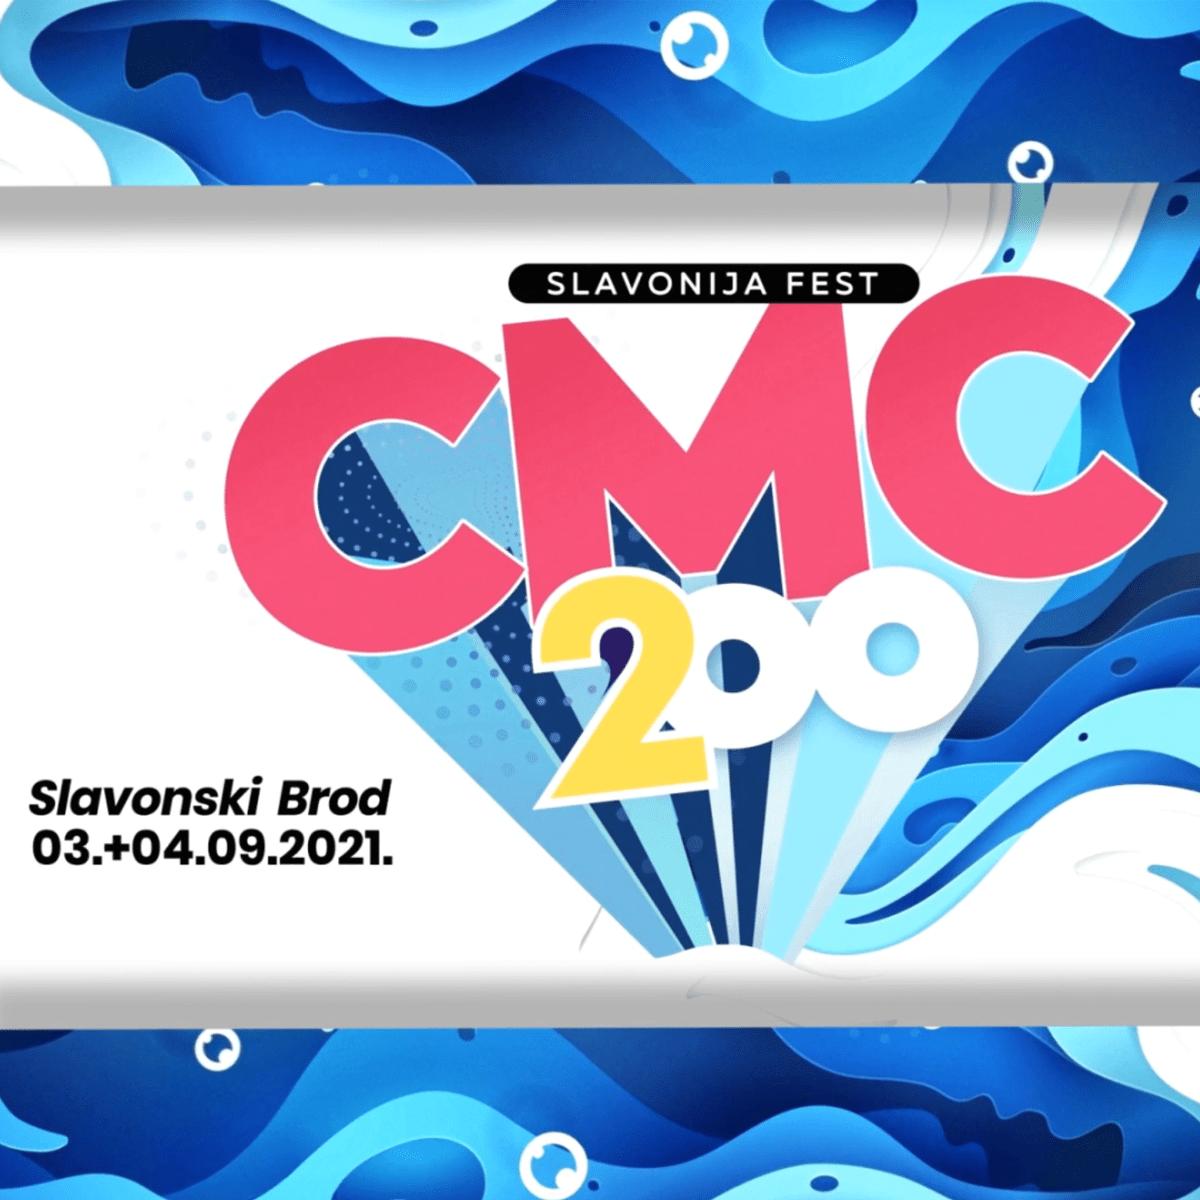 CMC 200 - Slavonija fest